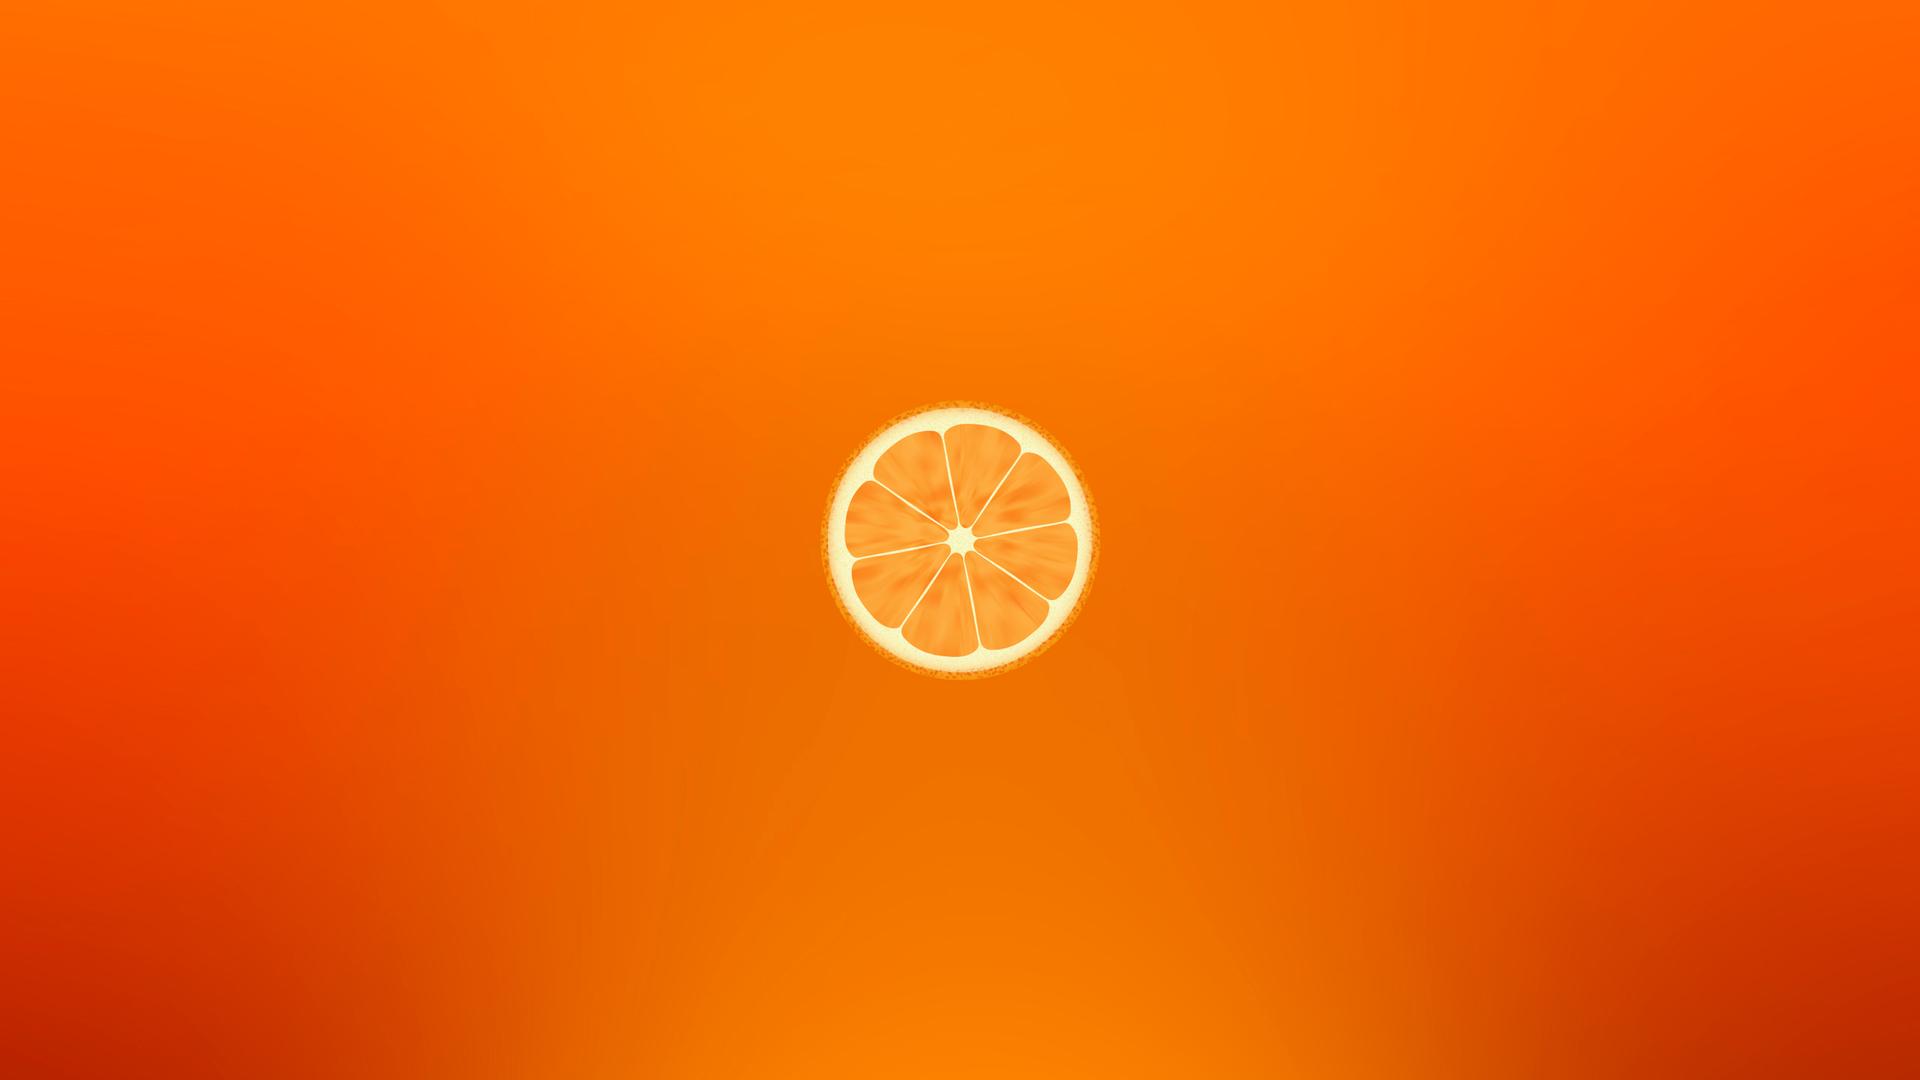 精选橙子PPT背景图片免费下载是由PPT宝藏(www.pptbz.com)会员zengmin上传推荐的简约PPT背景图片, 更新时间为2017-01-20,素材编号120324。 橙子(学名:Citrus sinensis)是芸香科柑橘属植物橙树的果实,亦称为黄果、柑子、金环、柳丁。橙子是一种柑果,是柚子(Citrus maxima)与橘子(Citrus reticulata)的杂交品种。 橙子的栽培历史悠久,以其果皮含有芳香气味,古人用它作薰香代品。湖南省长沙市郊马王堆出土的西汉古墓文物中有本属植物的种